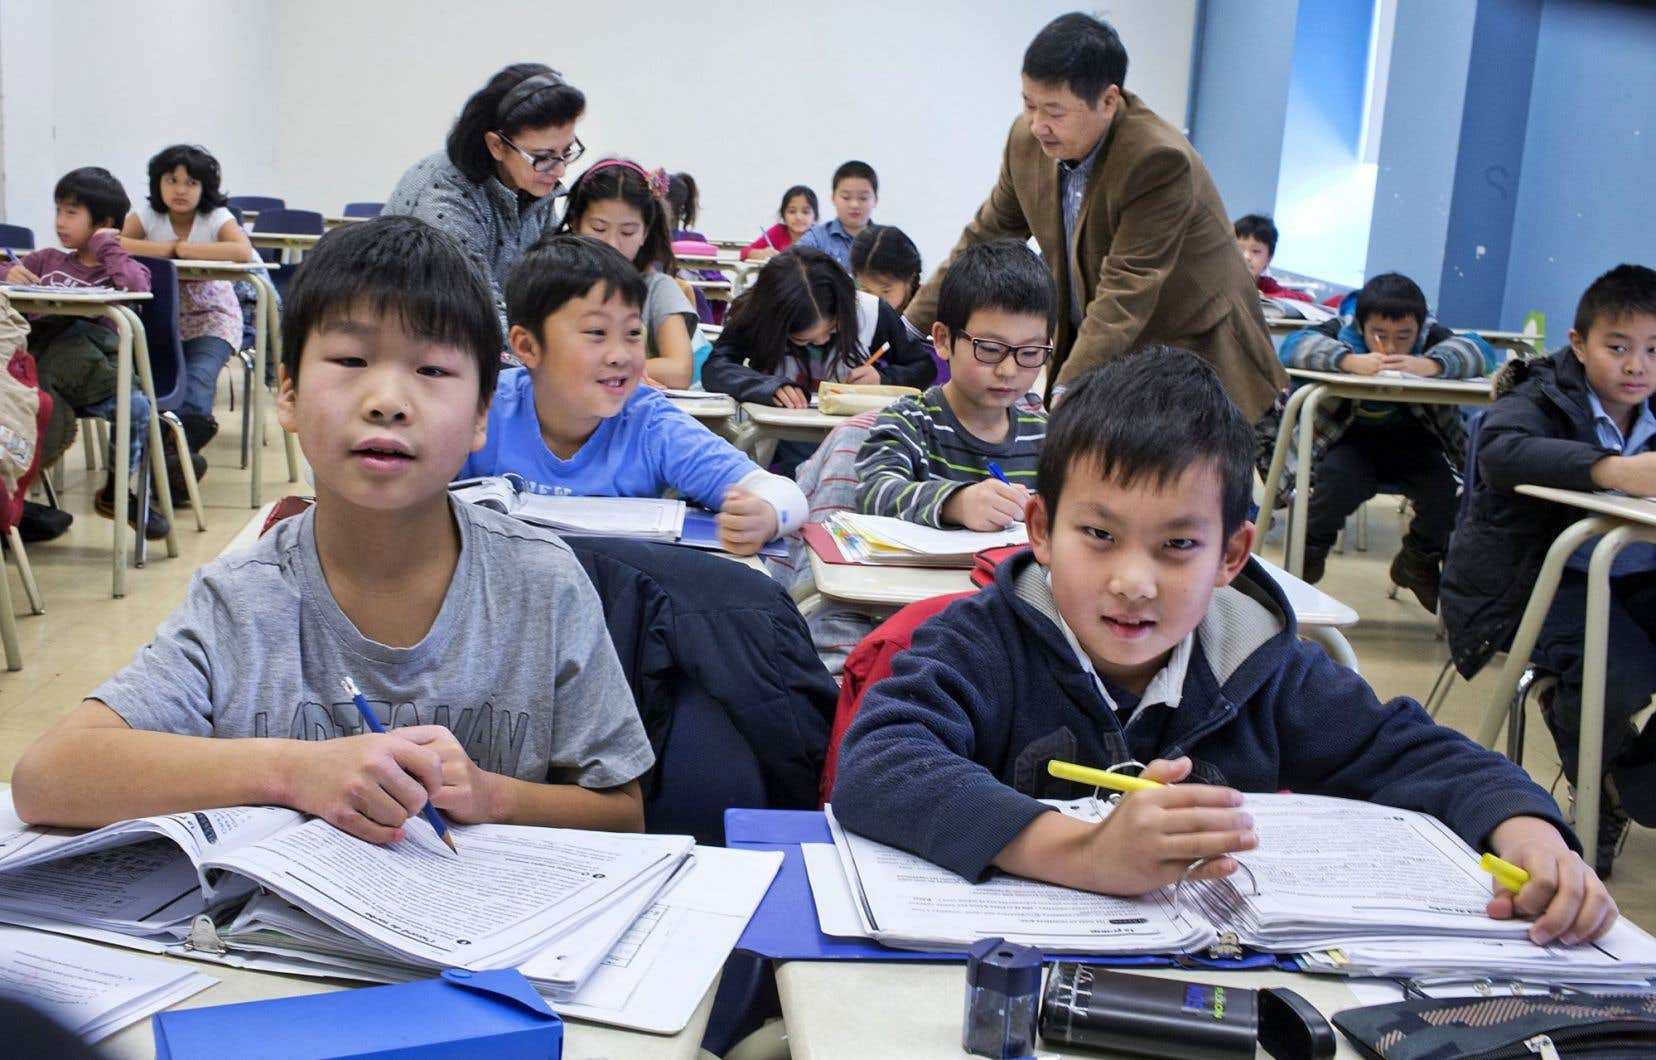 Des photos prises dans les classes du collège Elite, installées au cégep de Saint-Laurent à Montréal.